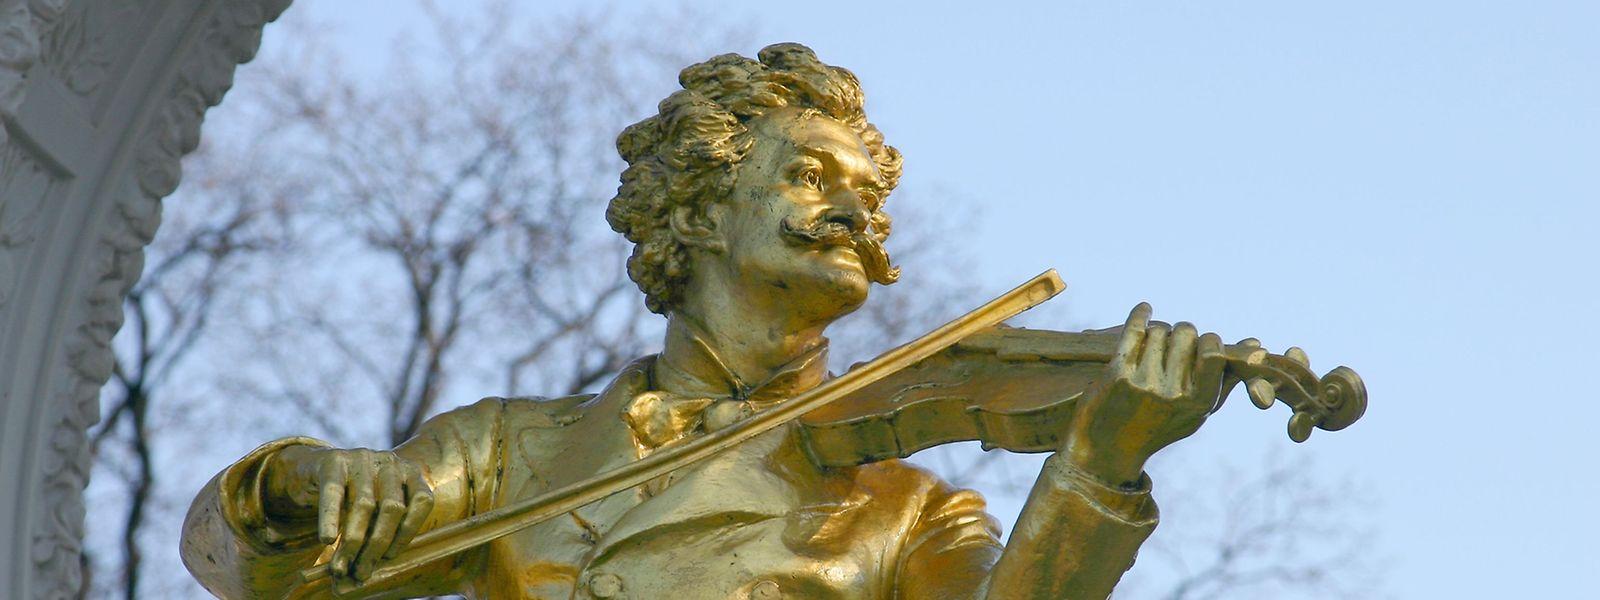 Alles Walzer: Im Wiener Stadtpark erinnert diese goldene Statue an den Komponisten der heimlichen Nationalhymne Österreichs.